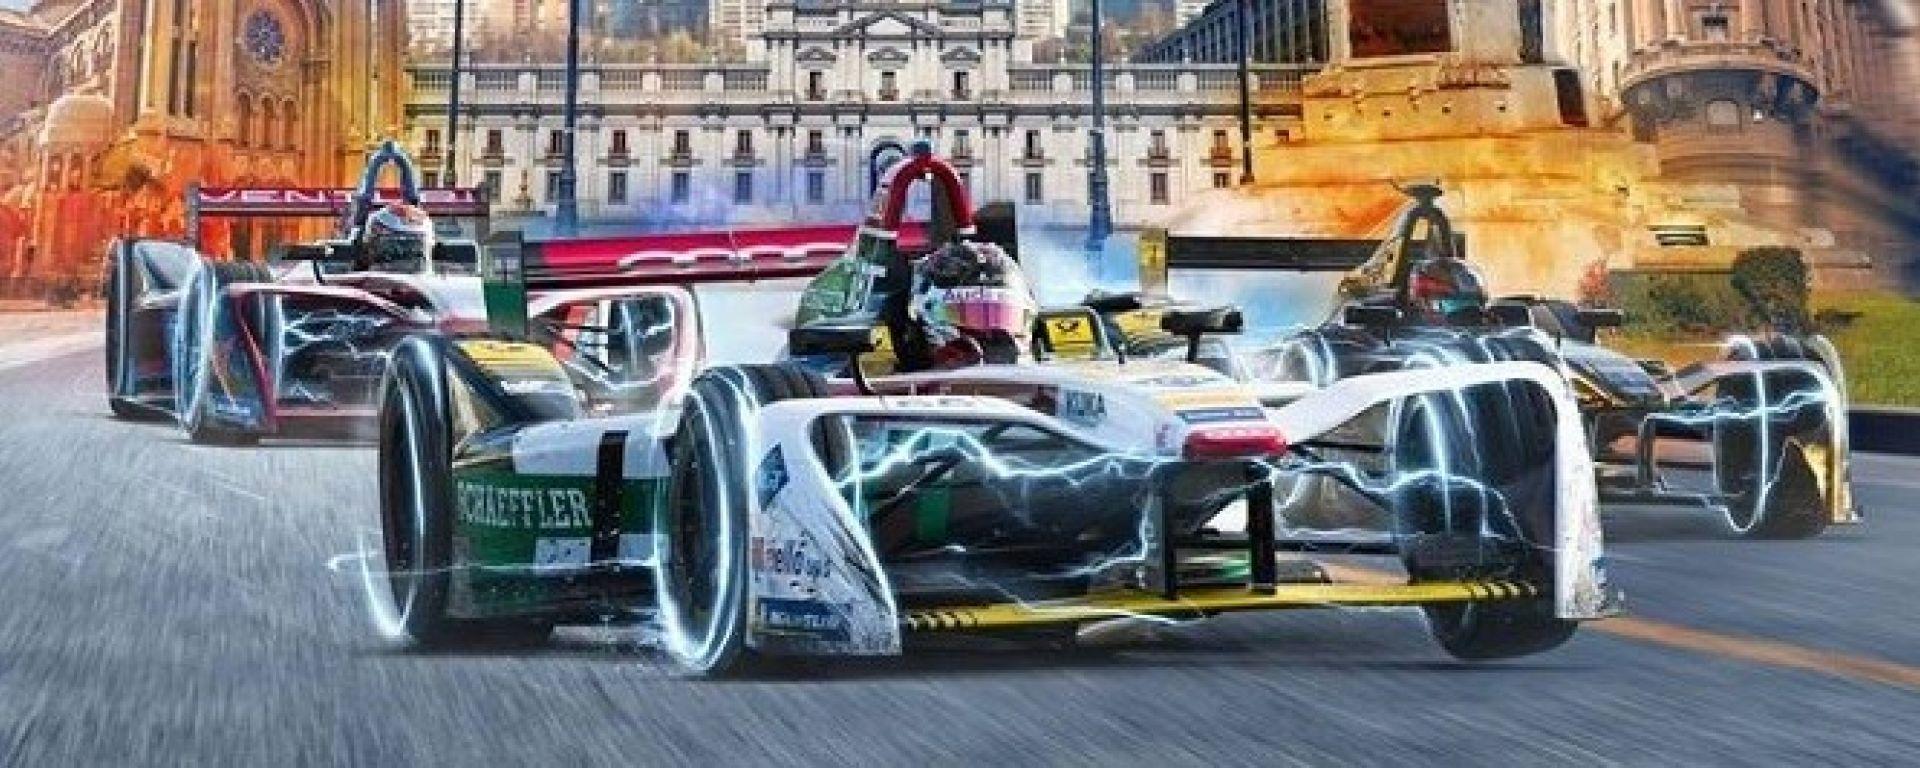 Le dichiarazioni di DS Racing prima dell'ePrix del Cile